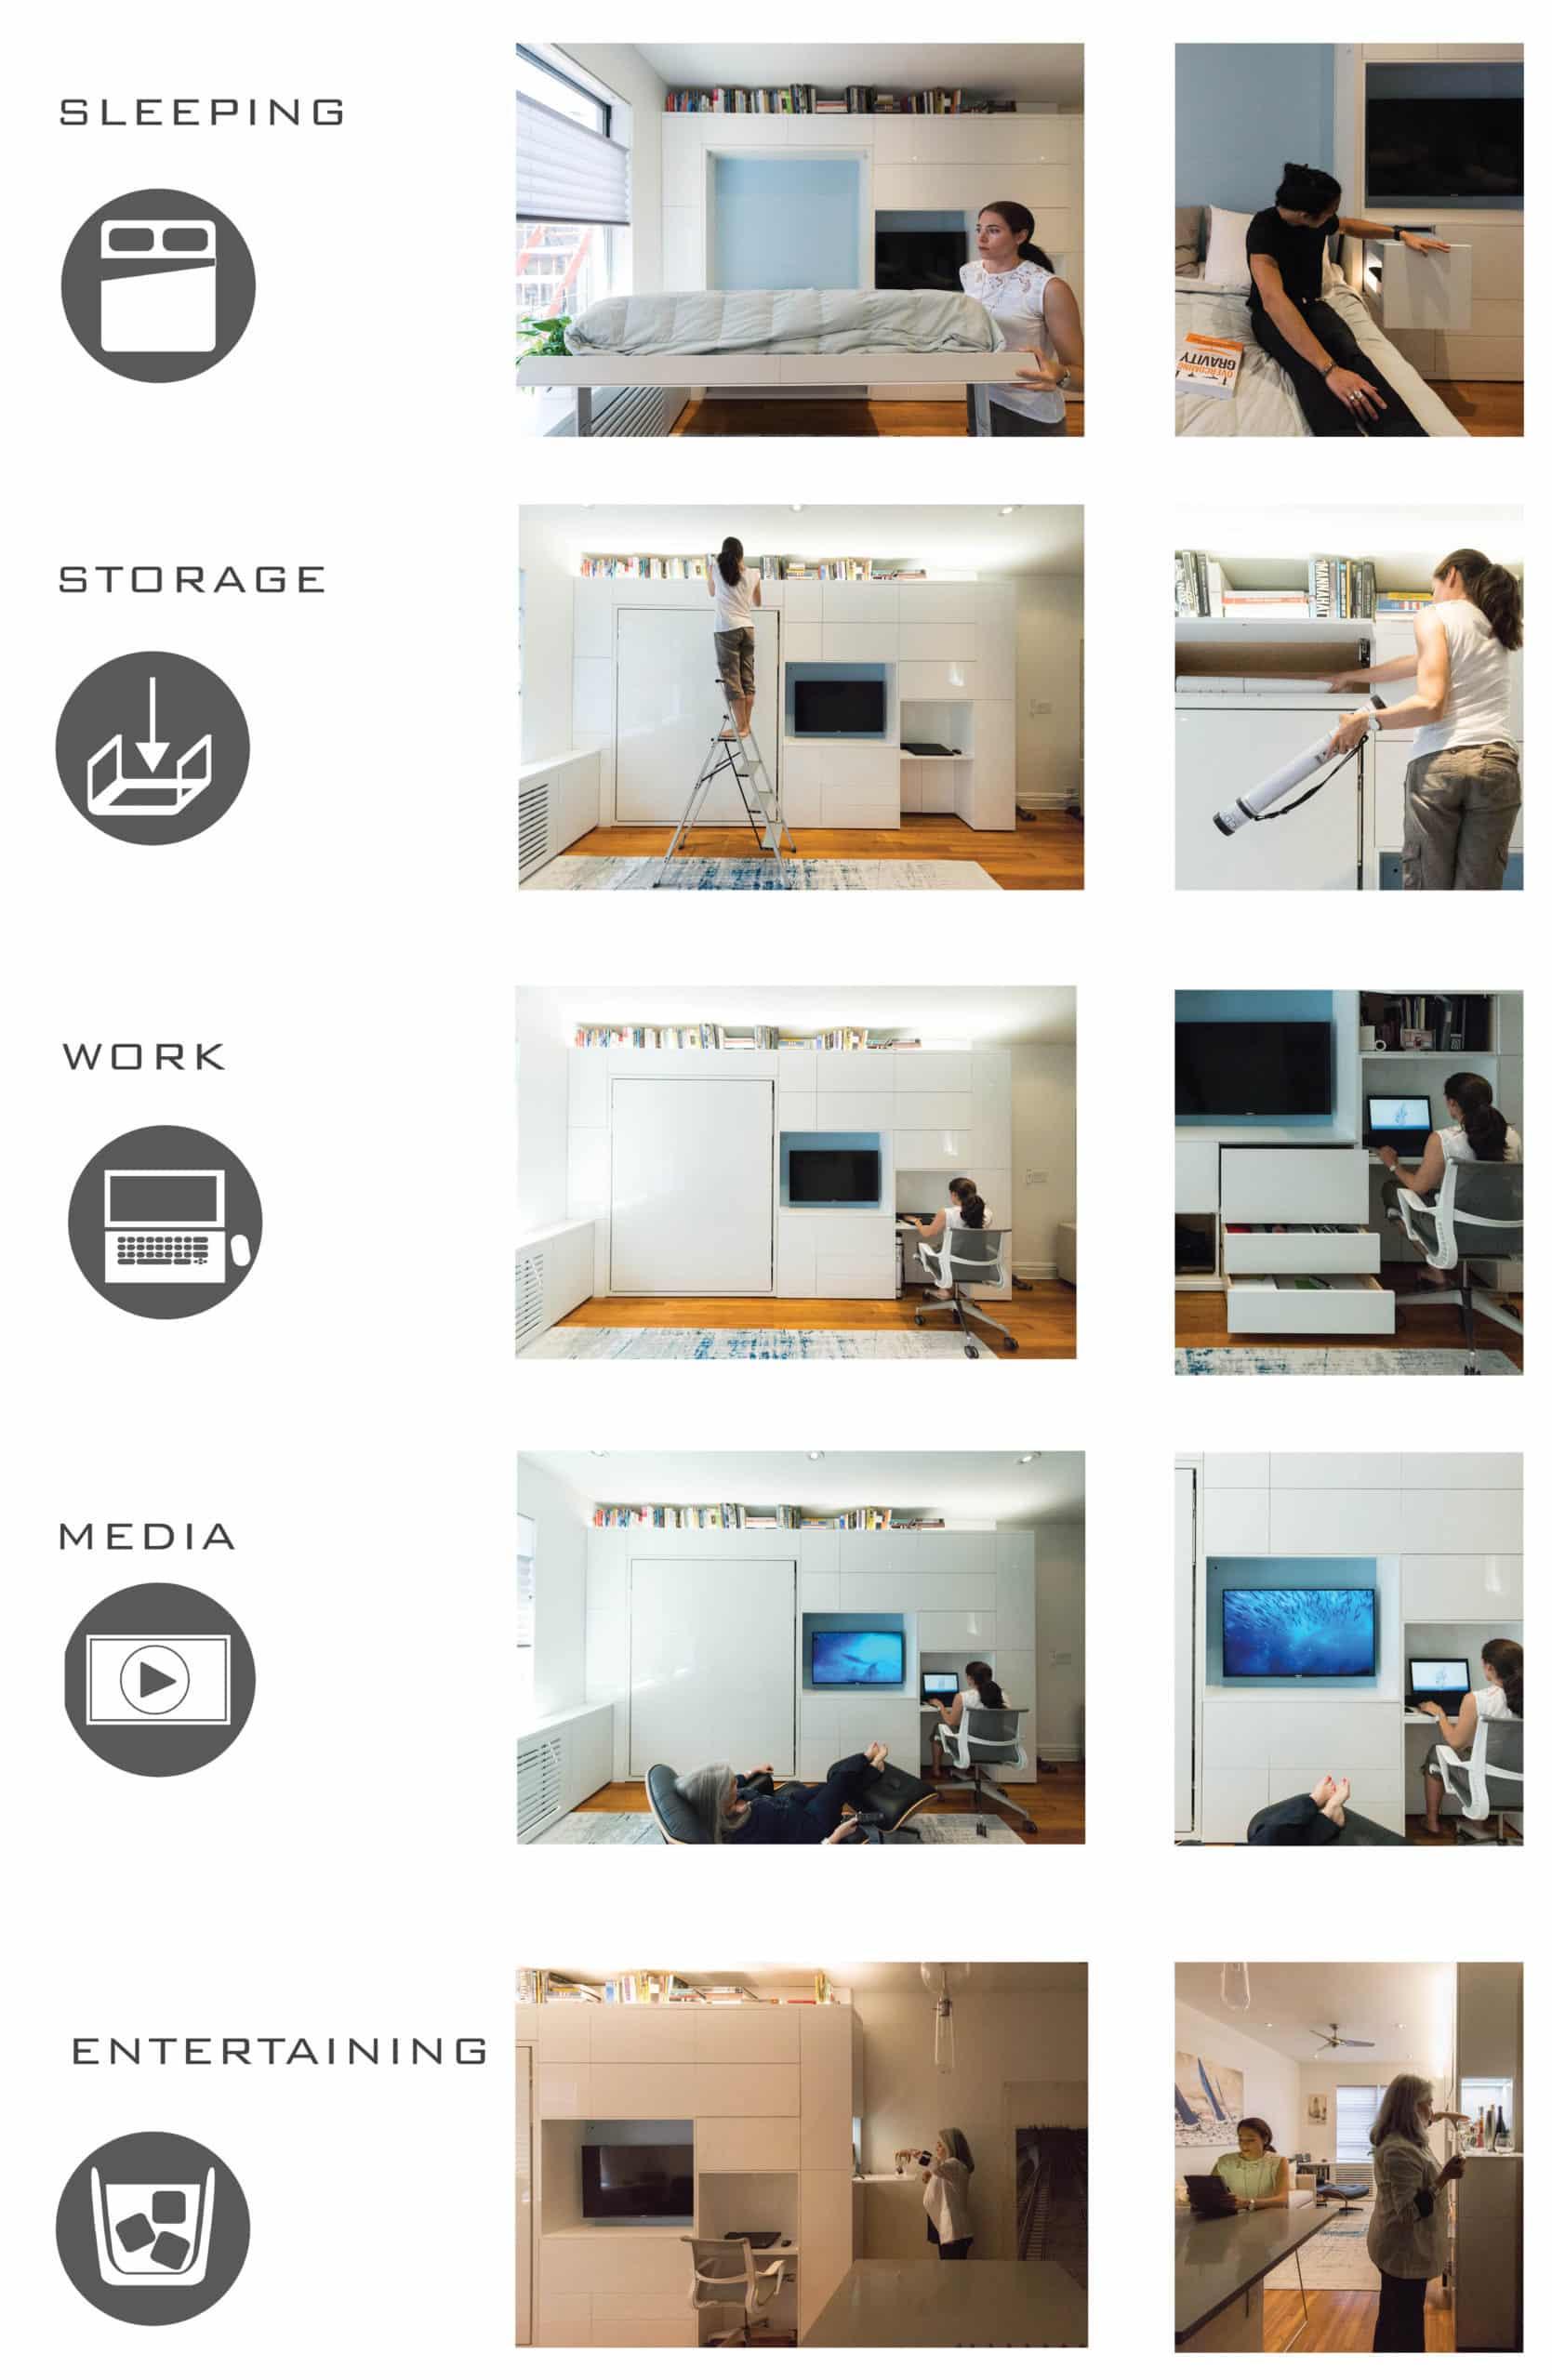 24 hour apartment design New York City